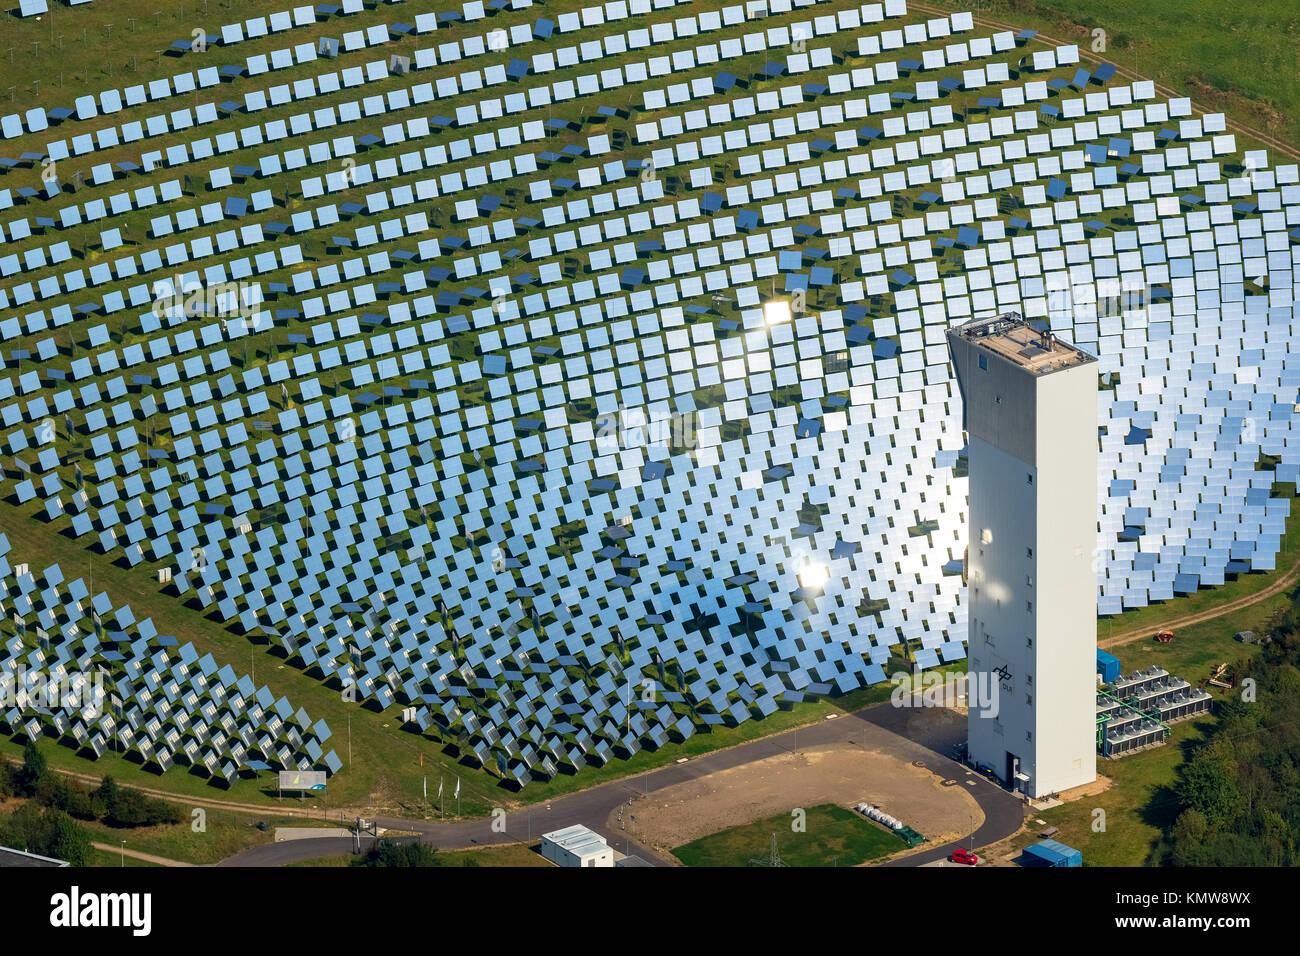 Planta de energía térmica solar experimental Jülich, horno solar, espejos, espejos solares, Jülich, Jülich-Zülpicher Börde, Renania, Renania del Norte-Westfalia. Foto de stock